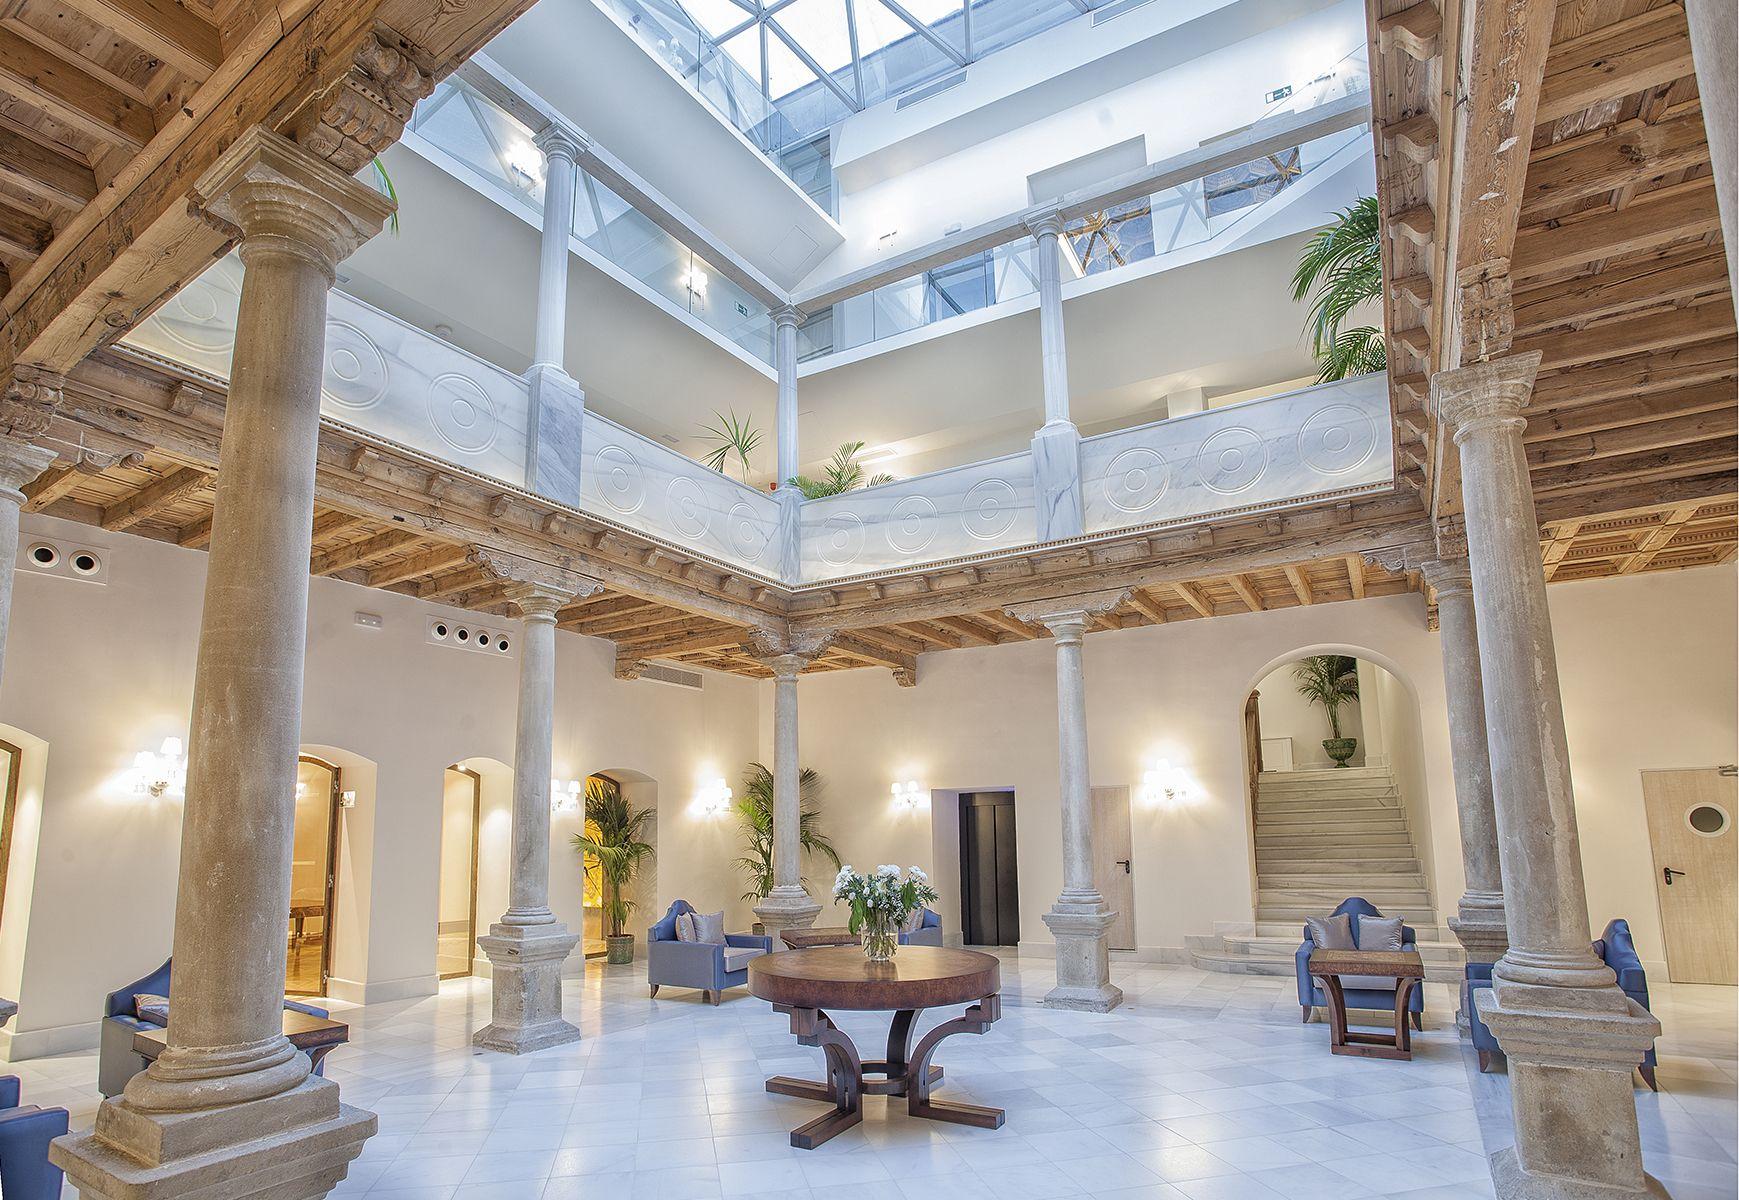 Hotel palacio de beda 5 gl more more design studio - Hotel palacio de ubeda ...